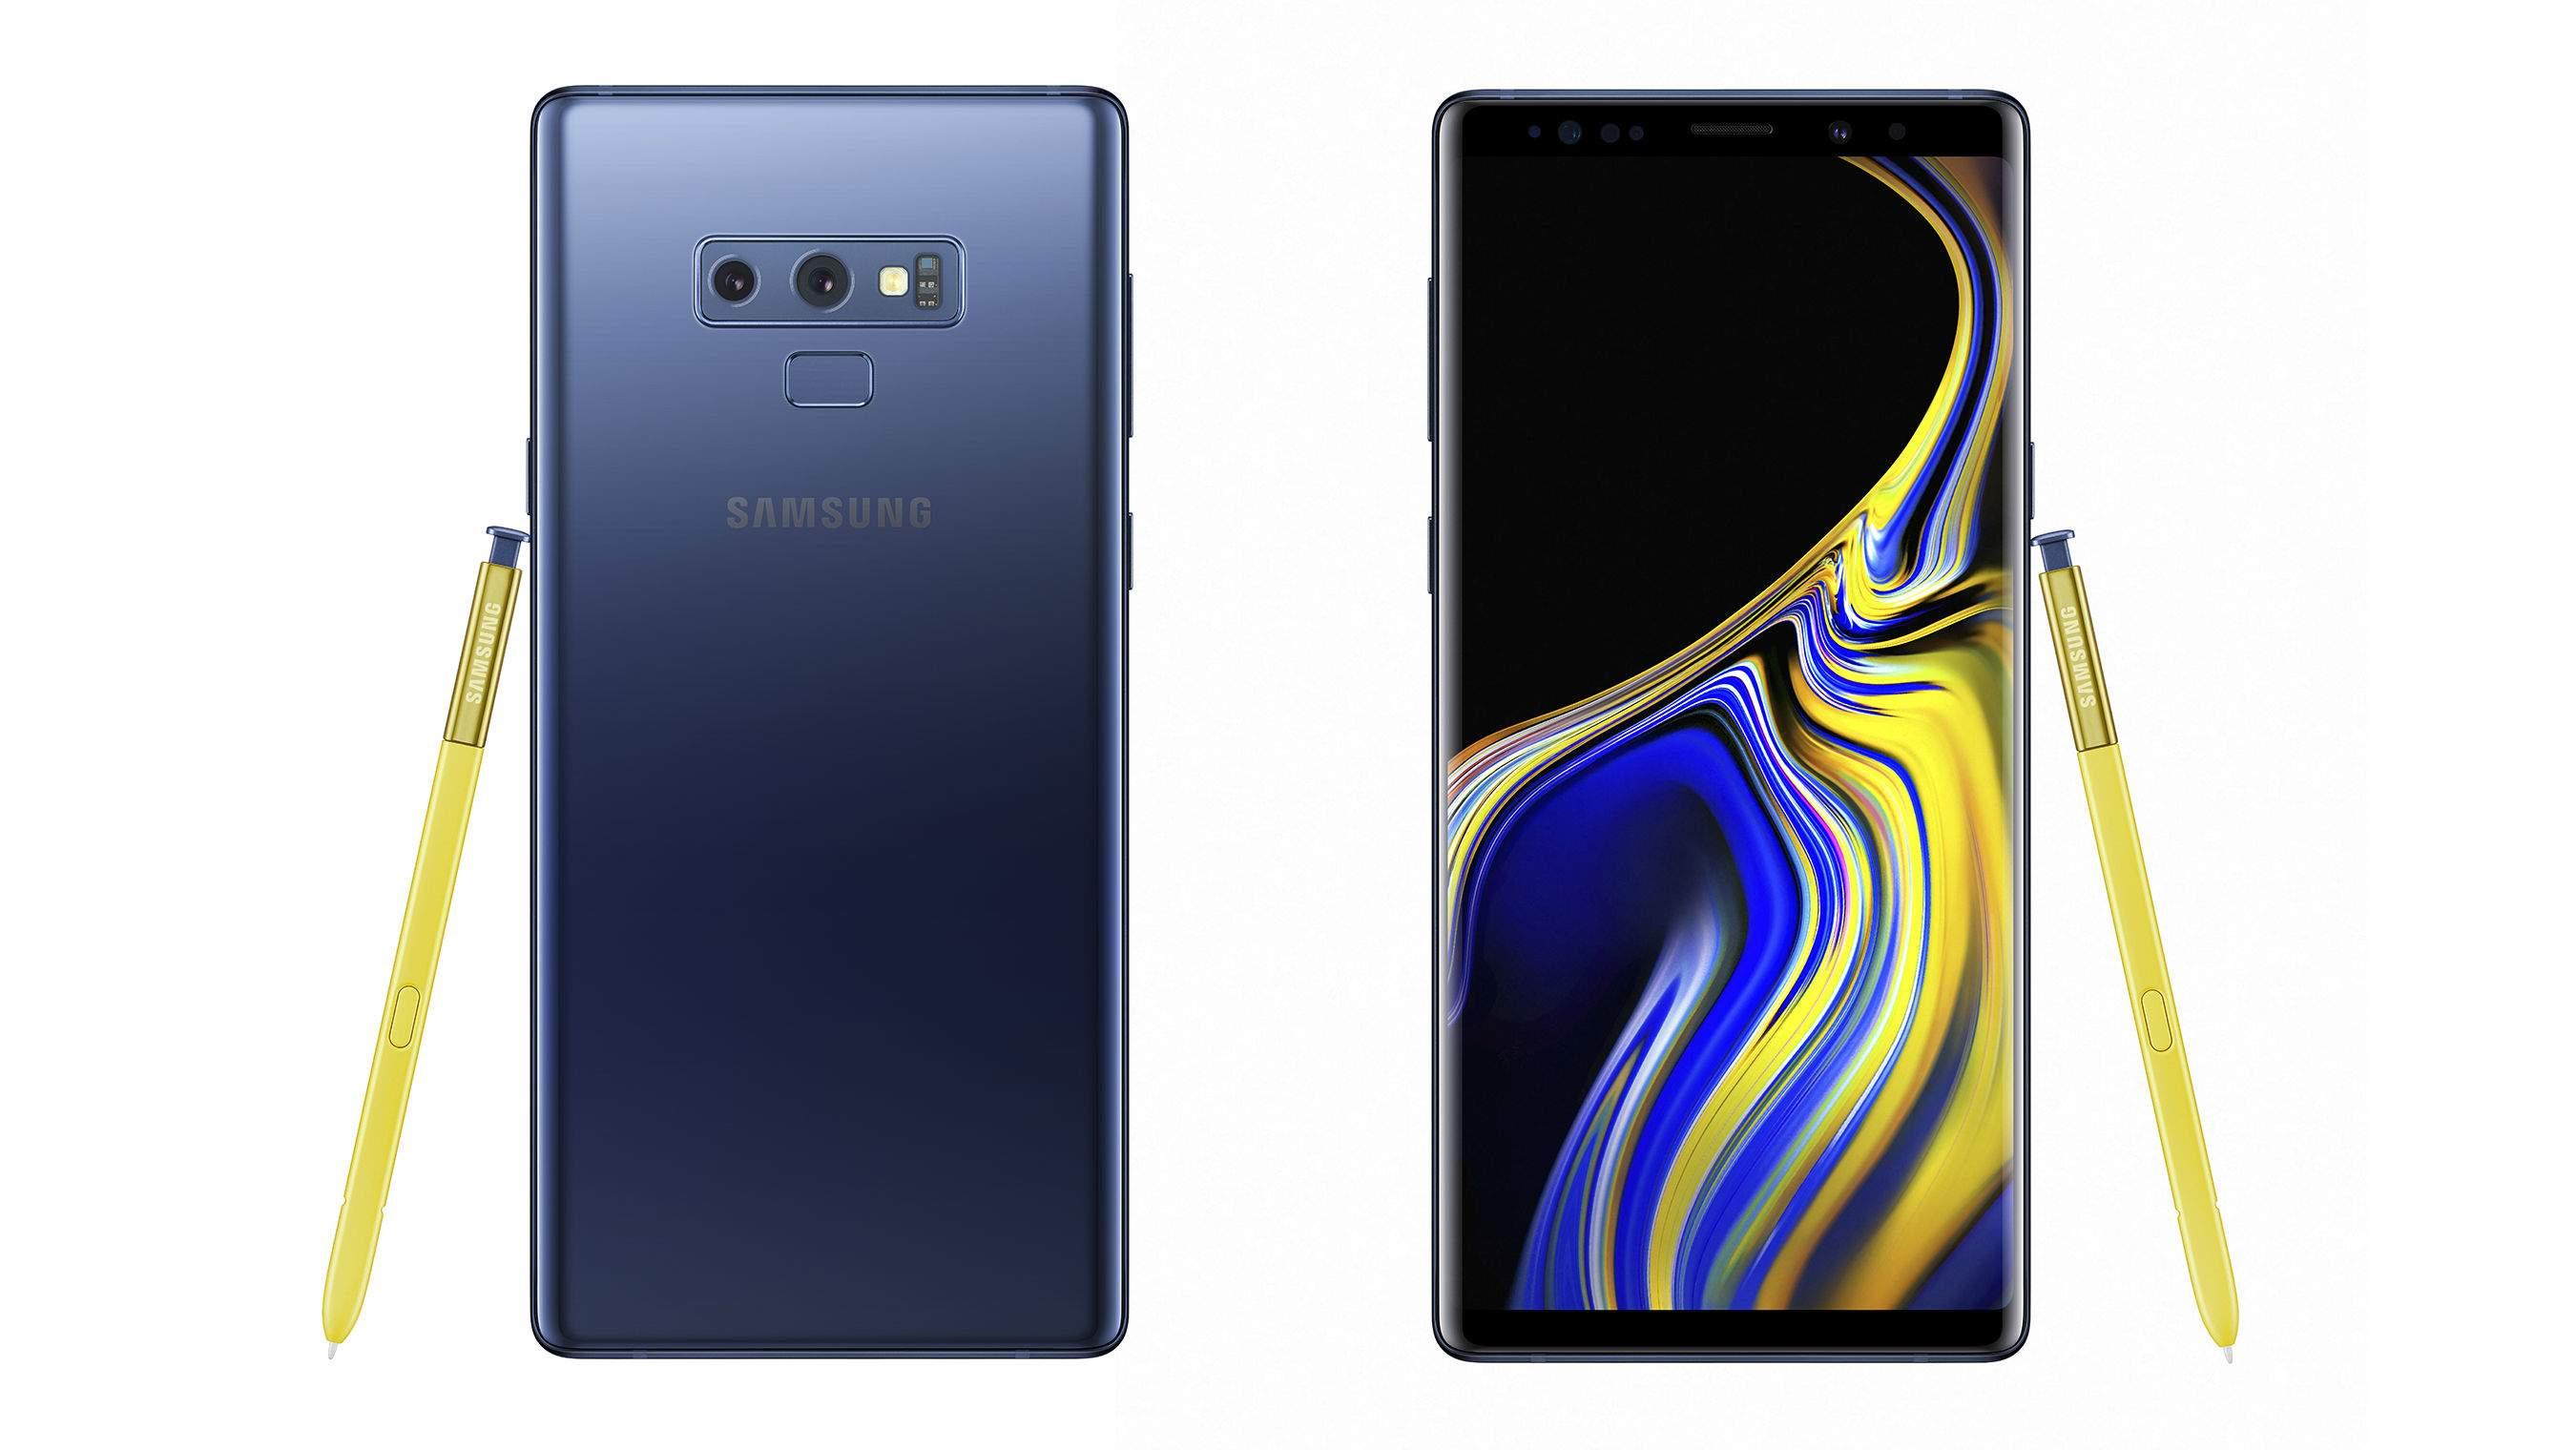 16ff65878df Llega el Galaxy Note 9  así es la última bestia de Samsung para resurgir  tras el fracaso del Galaxy S9 - elEconomista.es